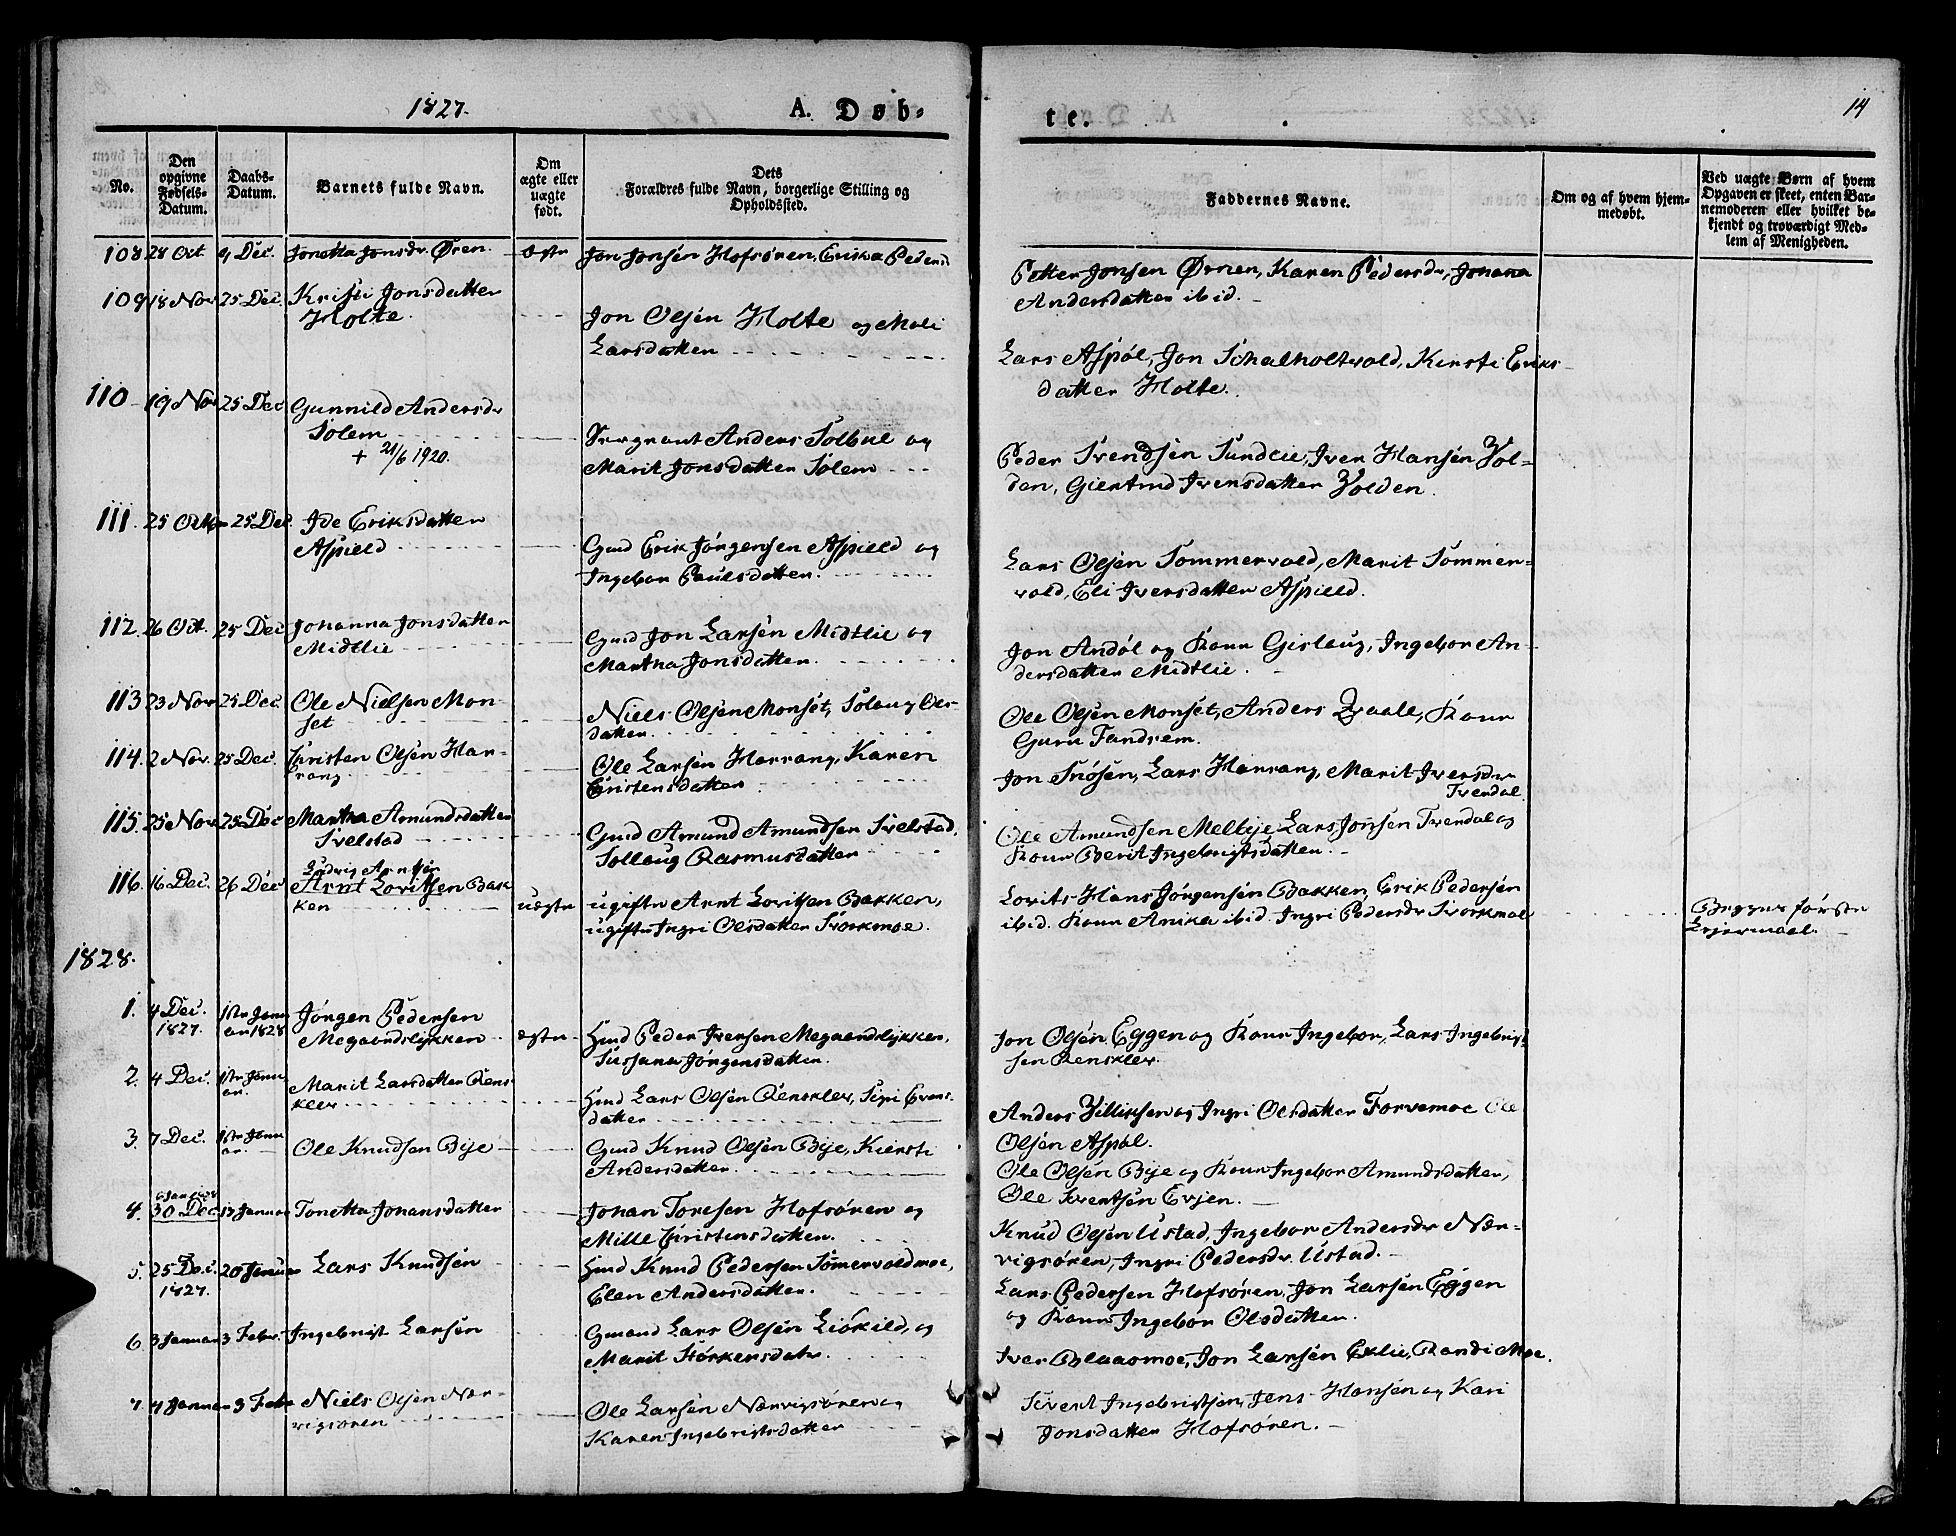 SAT, Ministerialprotokoller, klokkerbøker og fødselsregistre - Sør-Trøndelag, 668/L0804: Ministerialbok nr. 668A04, 1826-1839, s. 14